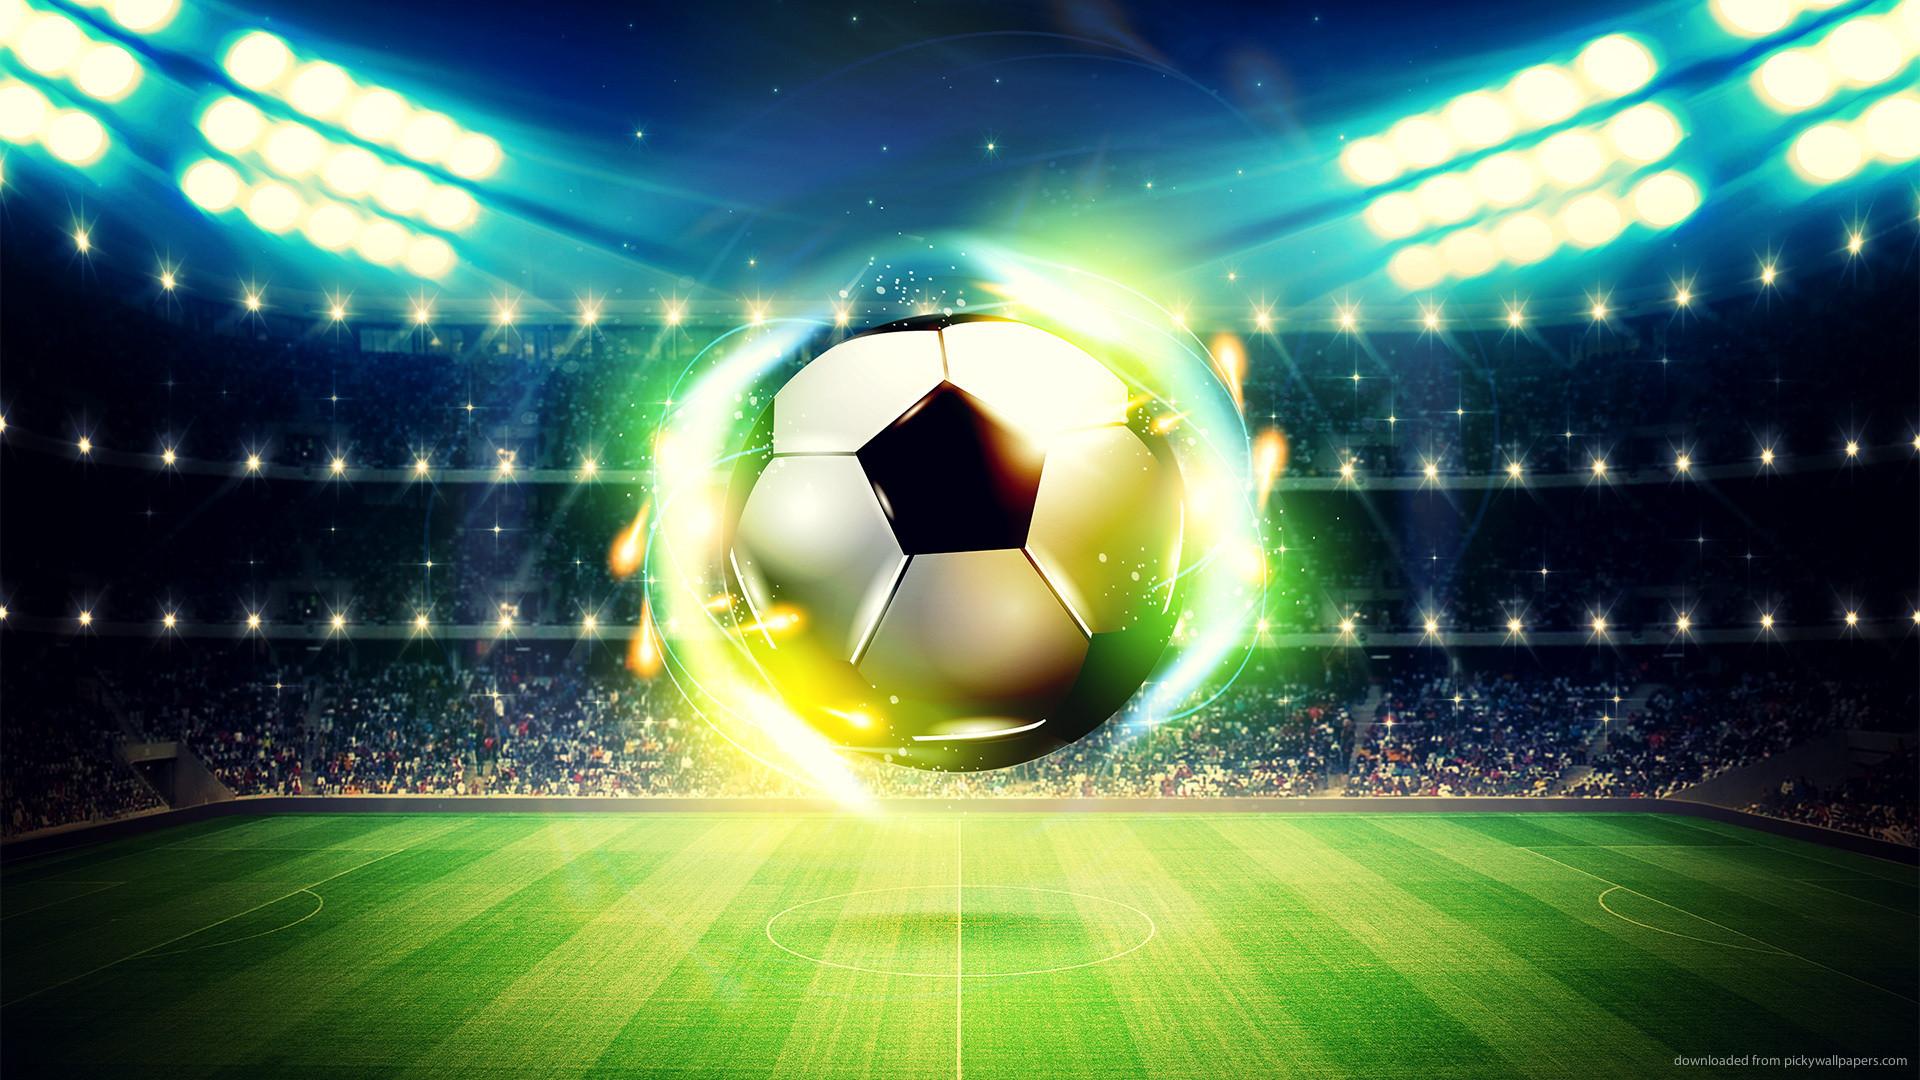 Cool soccer ball wallpaper